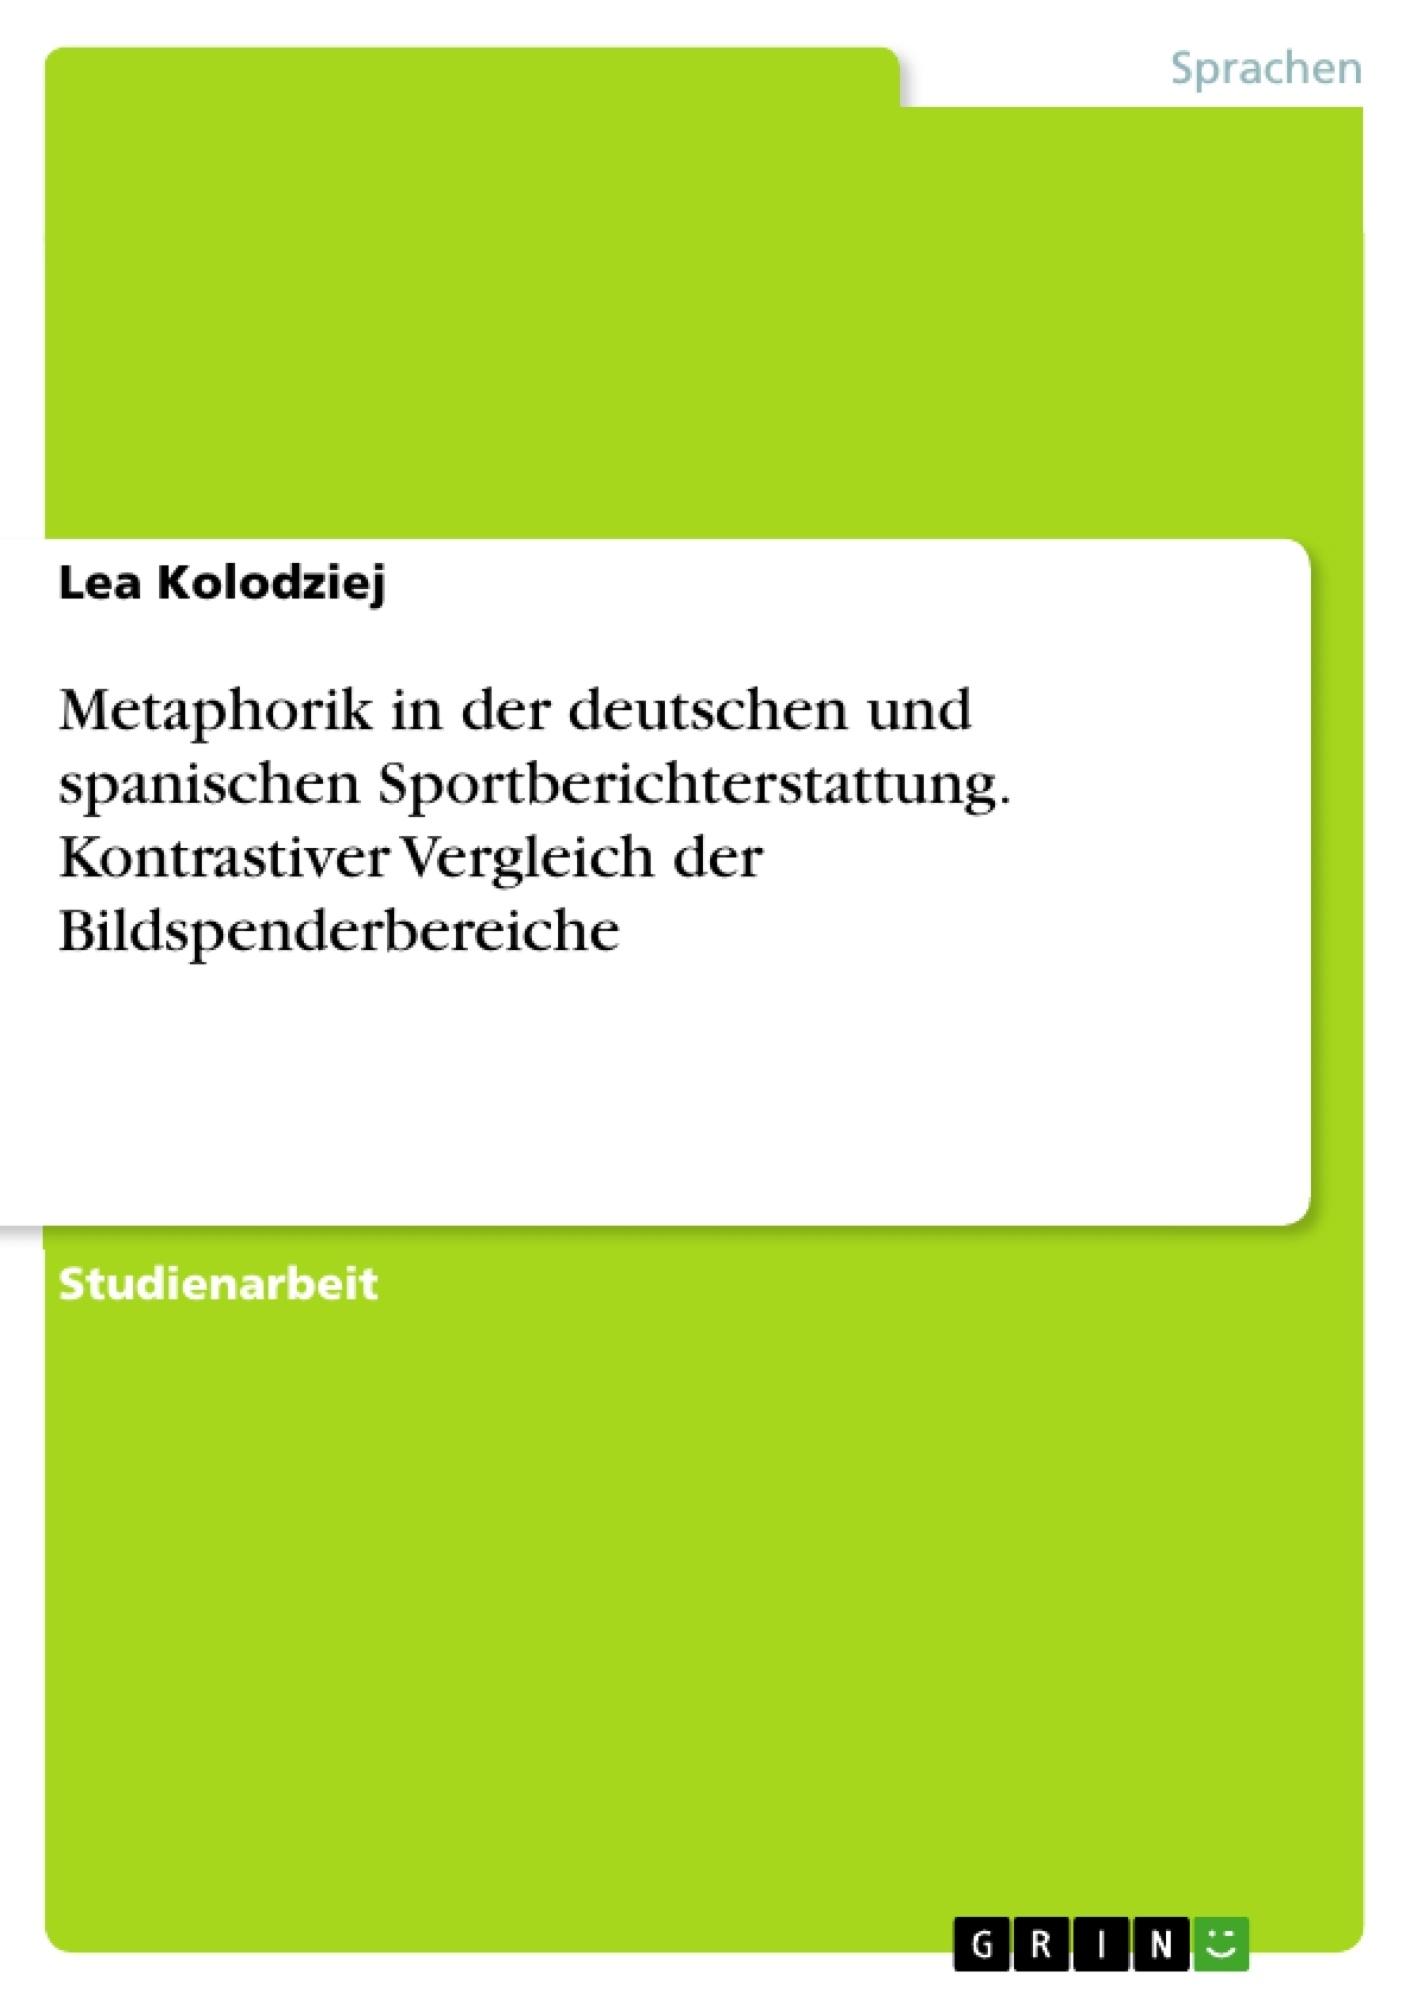 Titel: Metaphorik in der deutschen und spanischen Sportberichterstattung. Kontrastiver Vergleich der Bildspenderbereiche